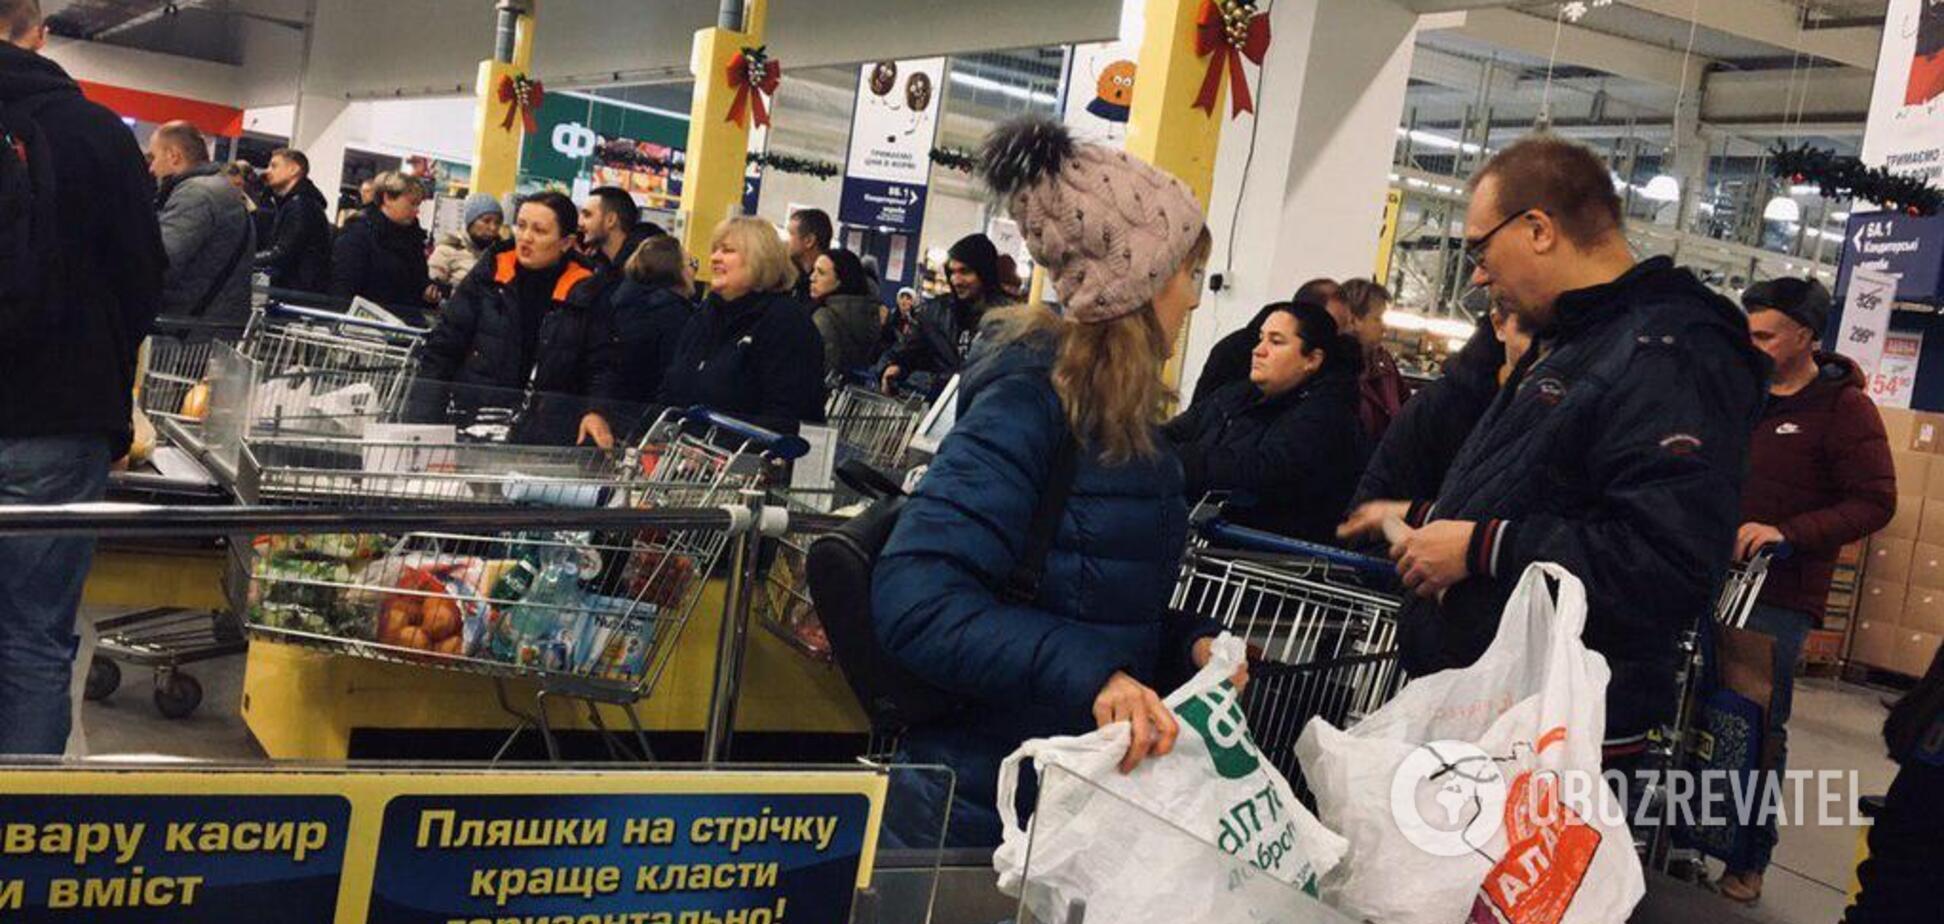 Як дніпряни 'розносять' супермаркети перед святом. Фото